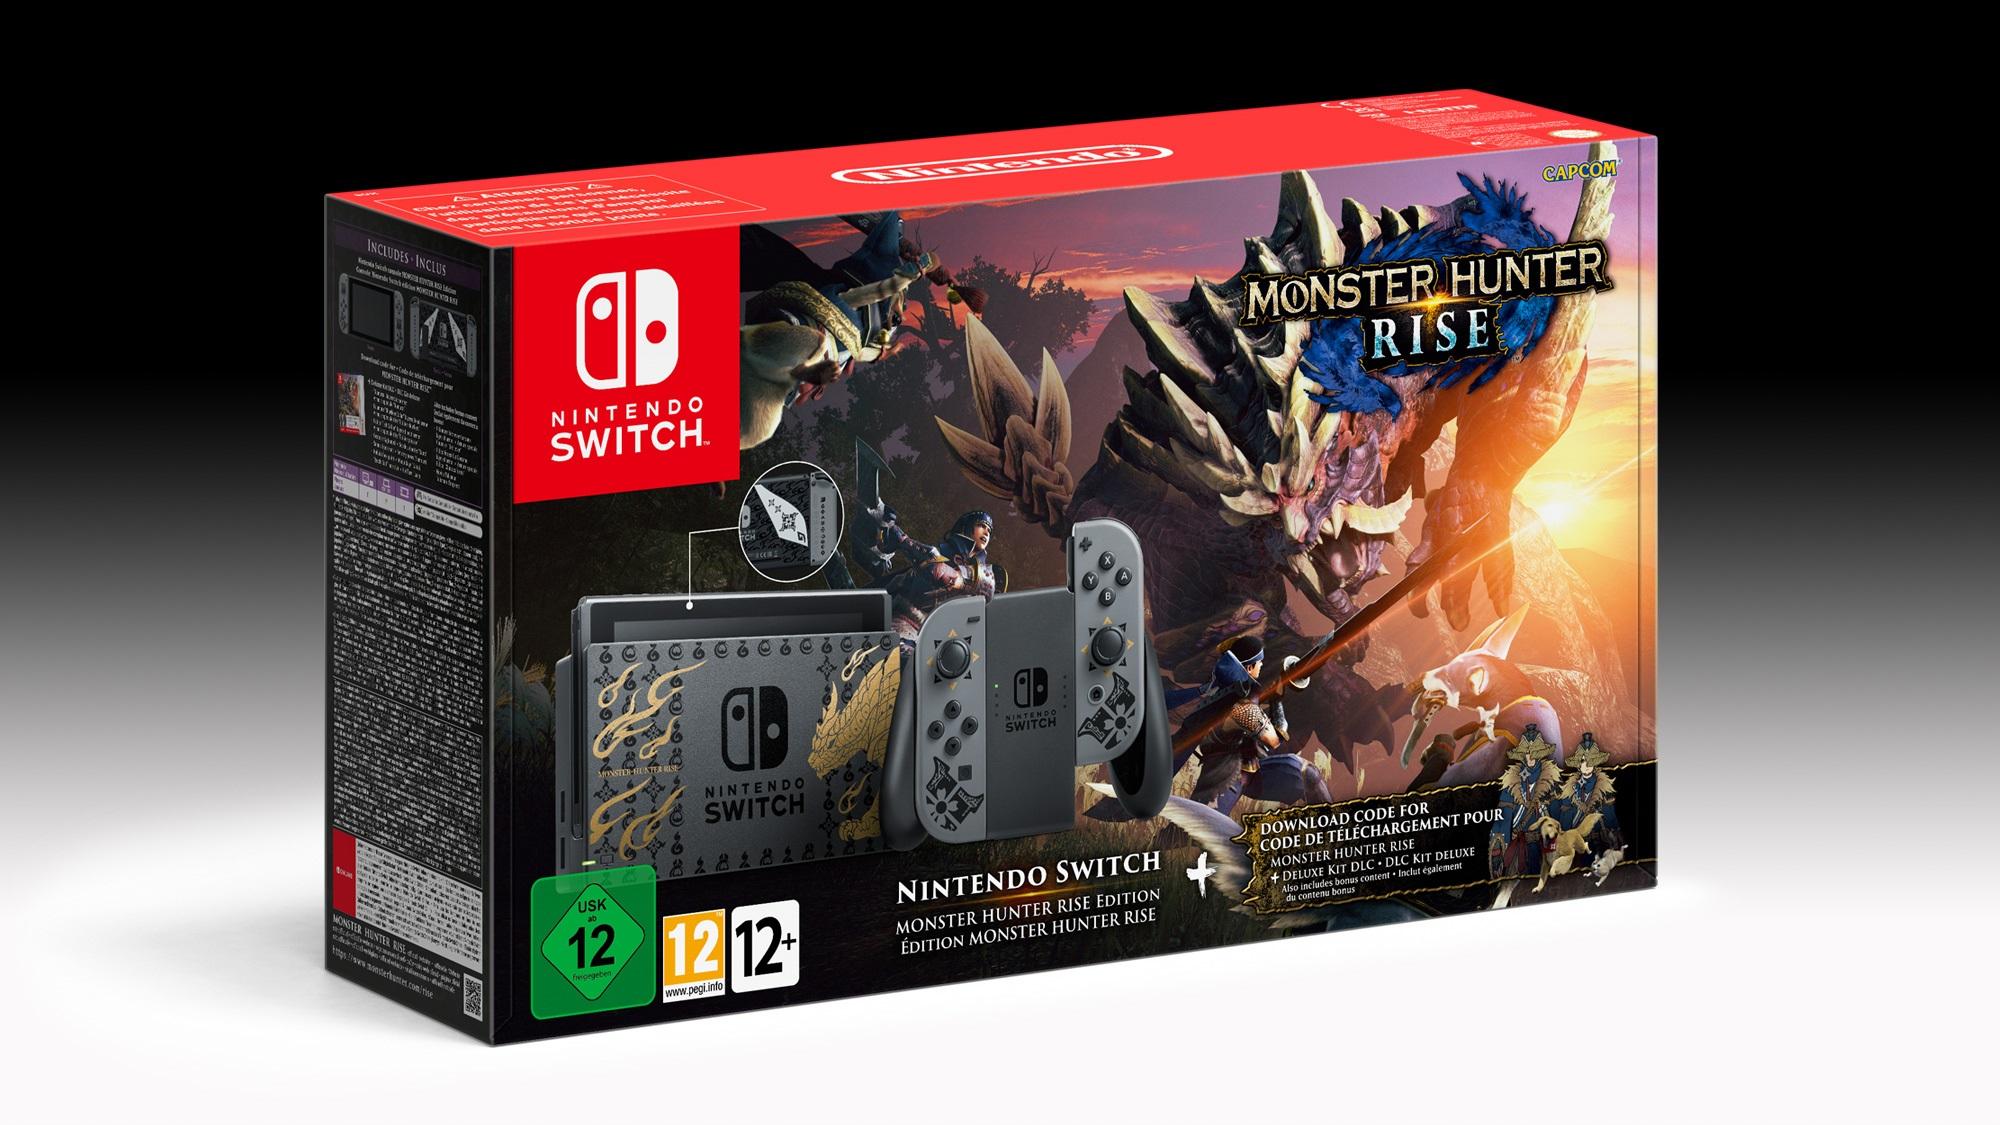 Nintendo Switch Monster Hunter Rise Edition Limitée : où la précommander ?